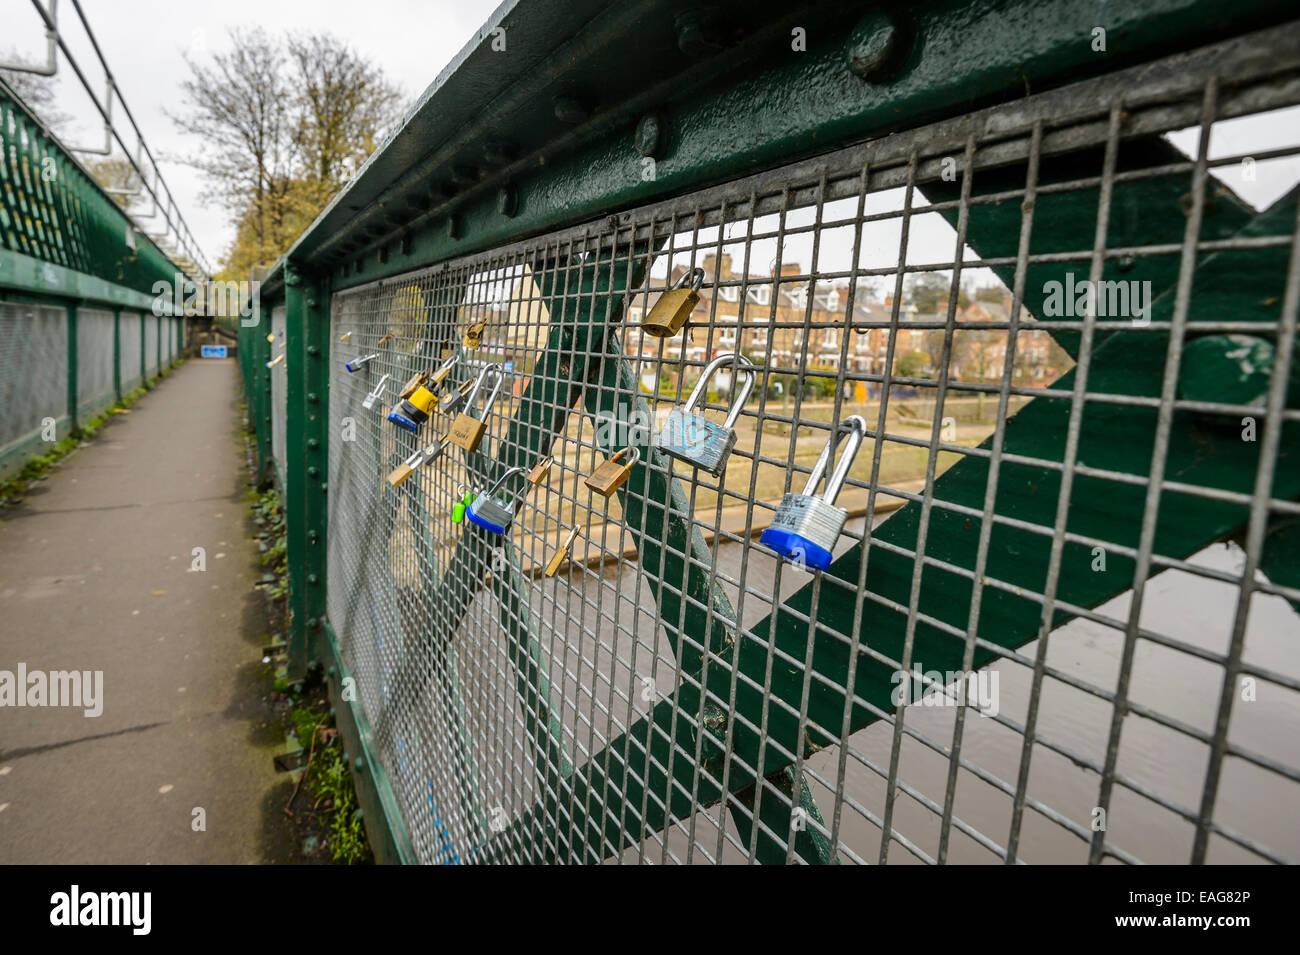 Romance - candados a la izquierda en un puente de ferrocarril de York valla simboliza simboliza el amor romántico Imagen De Stock